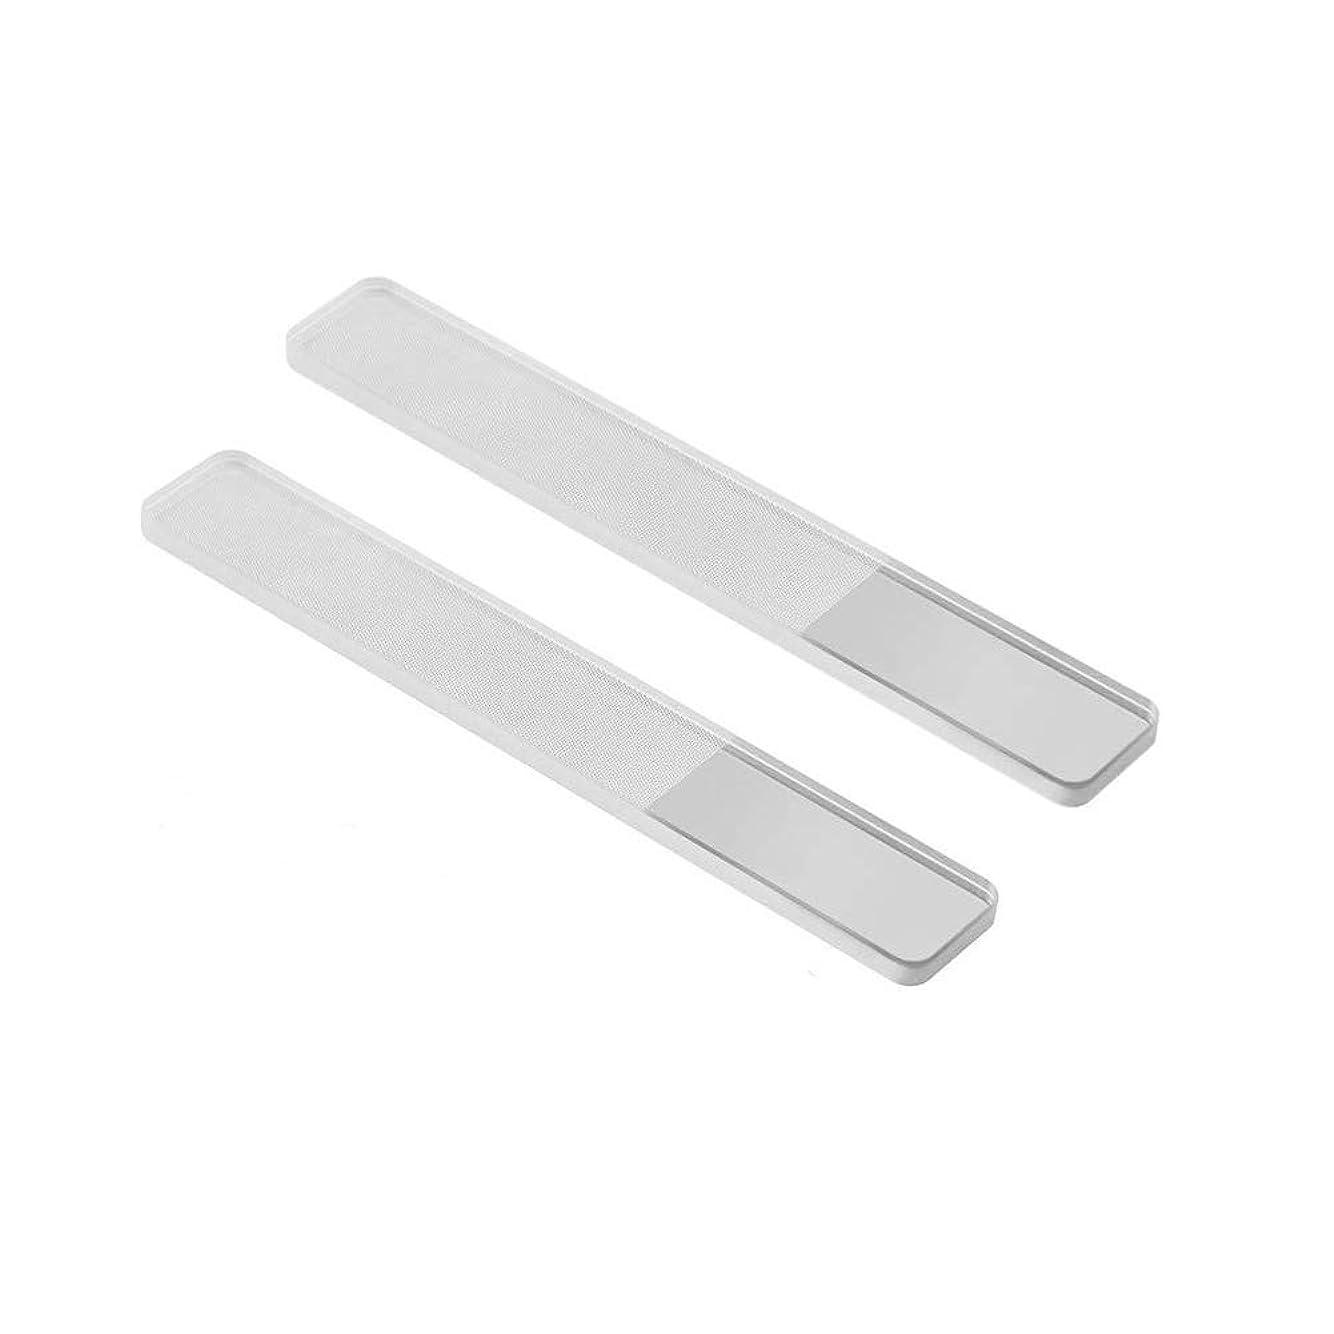 ご予約真似る普通の2個入 高品質 爪磨き 爪やすり ガラス ネイルシャイナー ピカピカ ネイルケア 甘皮処理 携帯便利